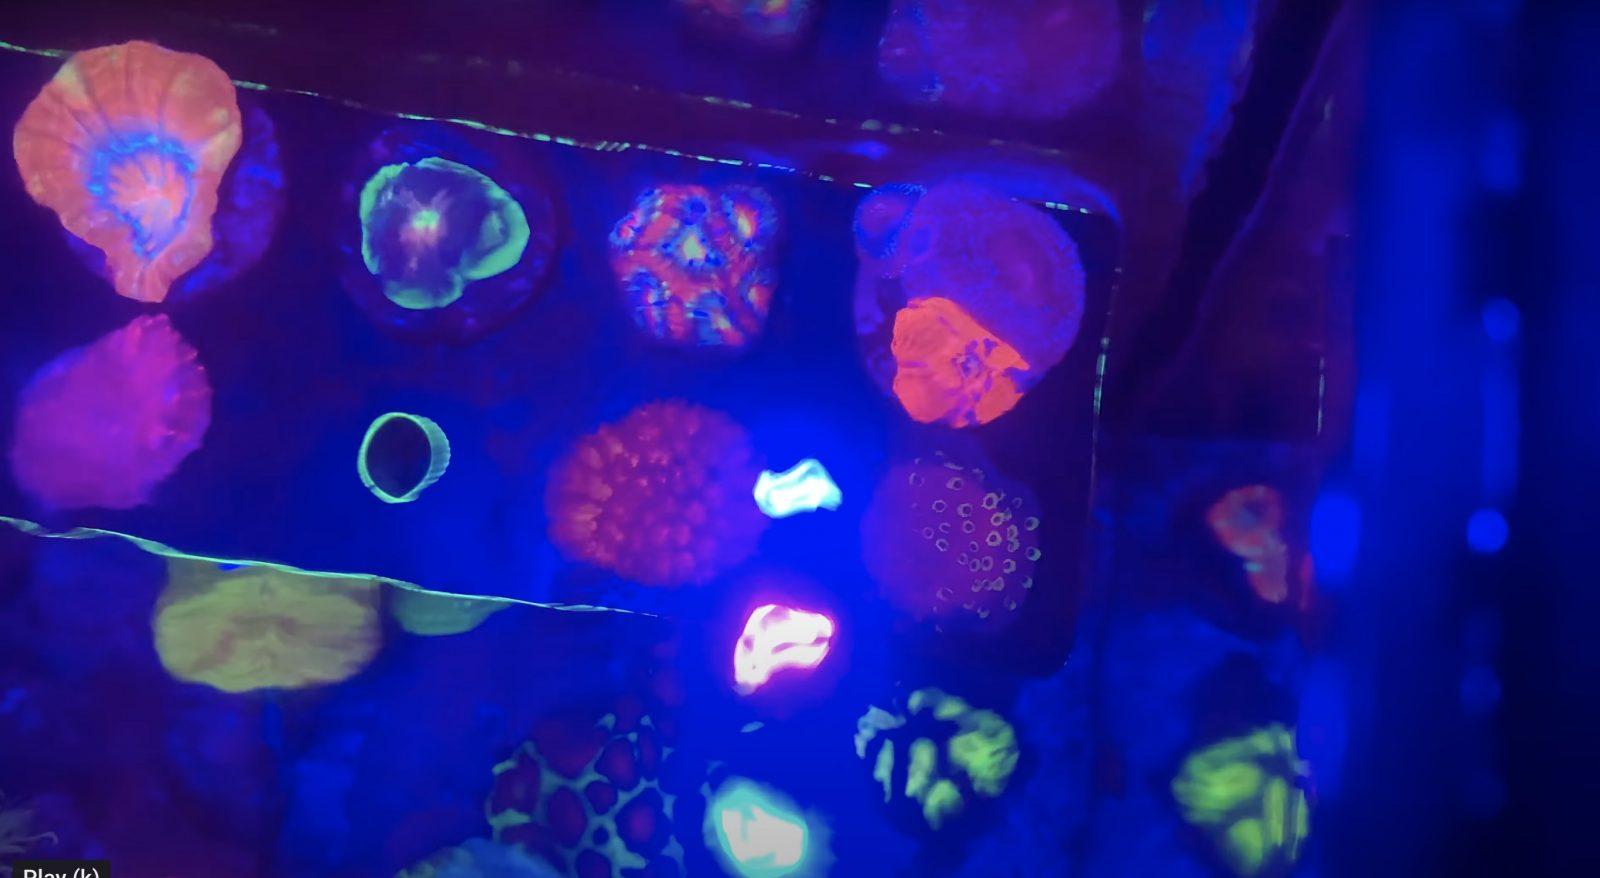 Korallenroter Pop unter der Orphek OR3 LED-Leiste